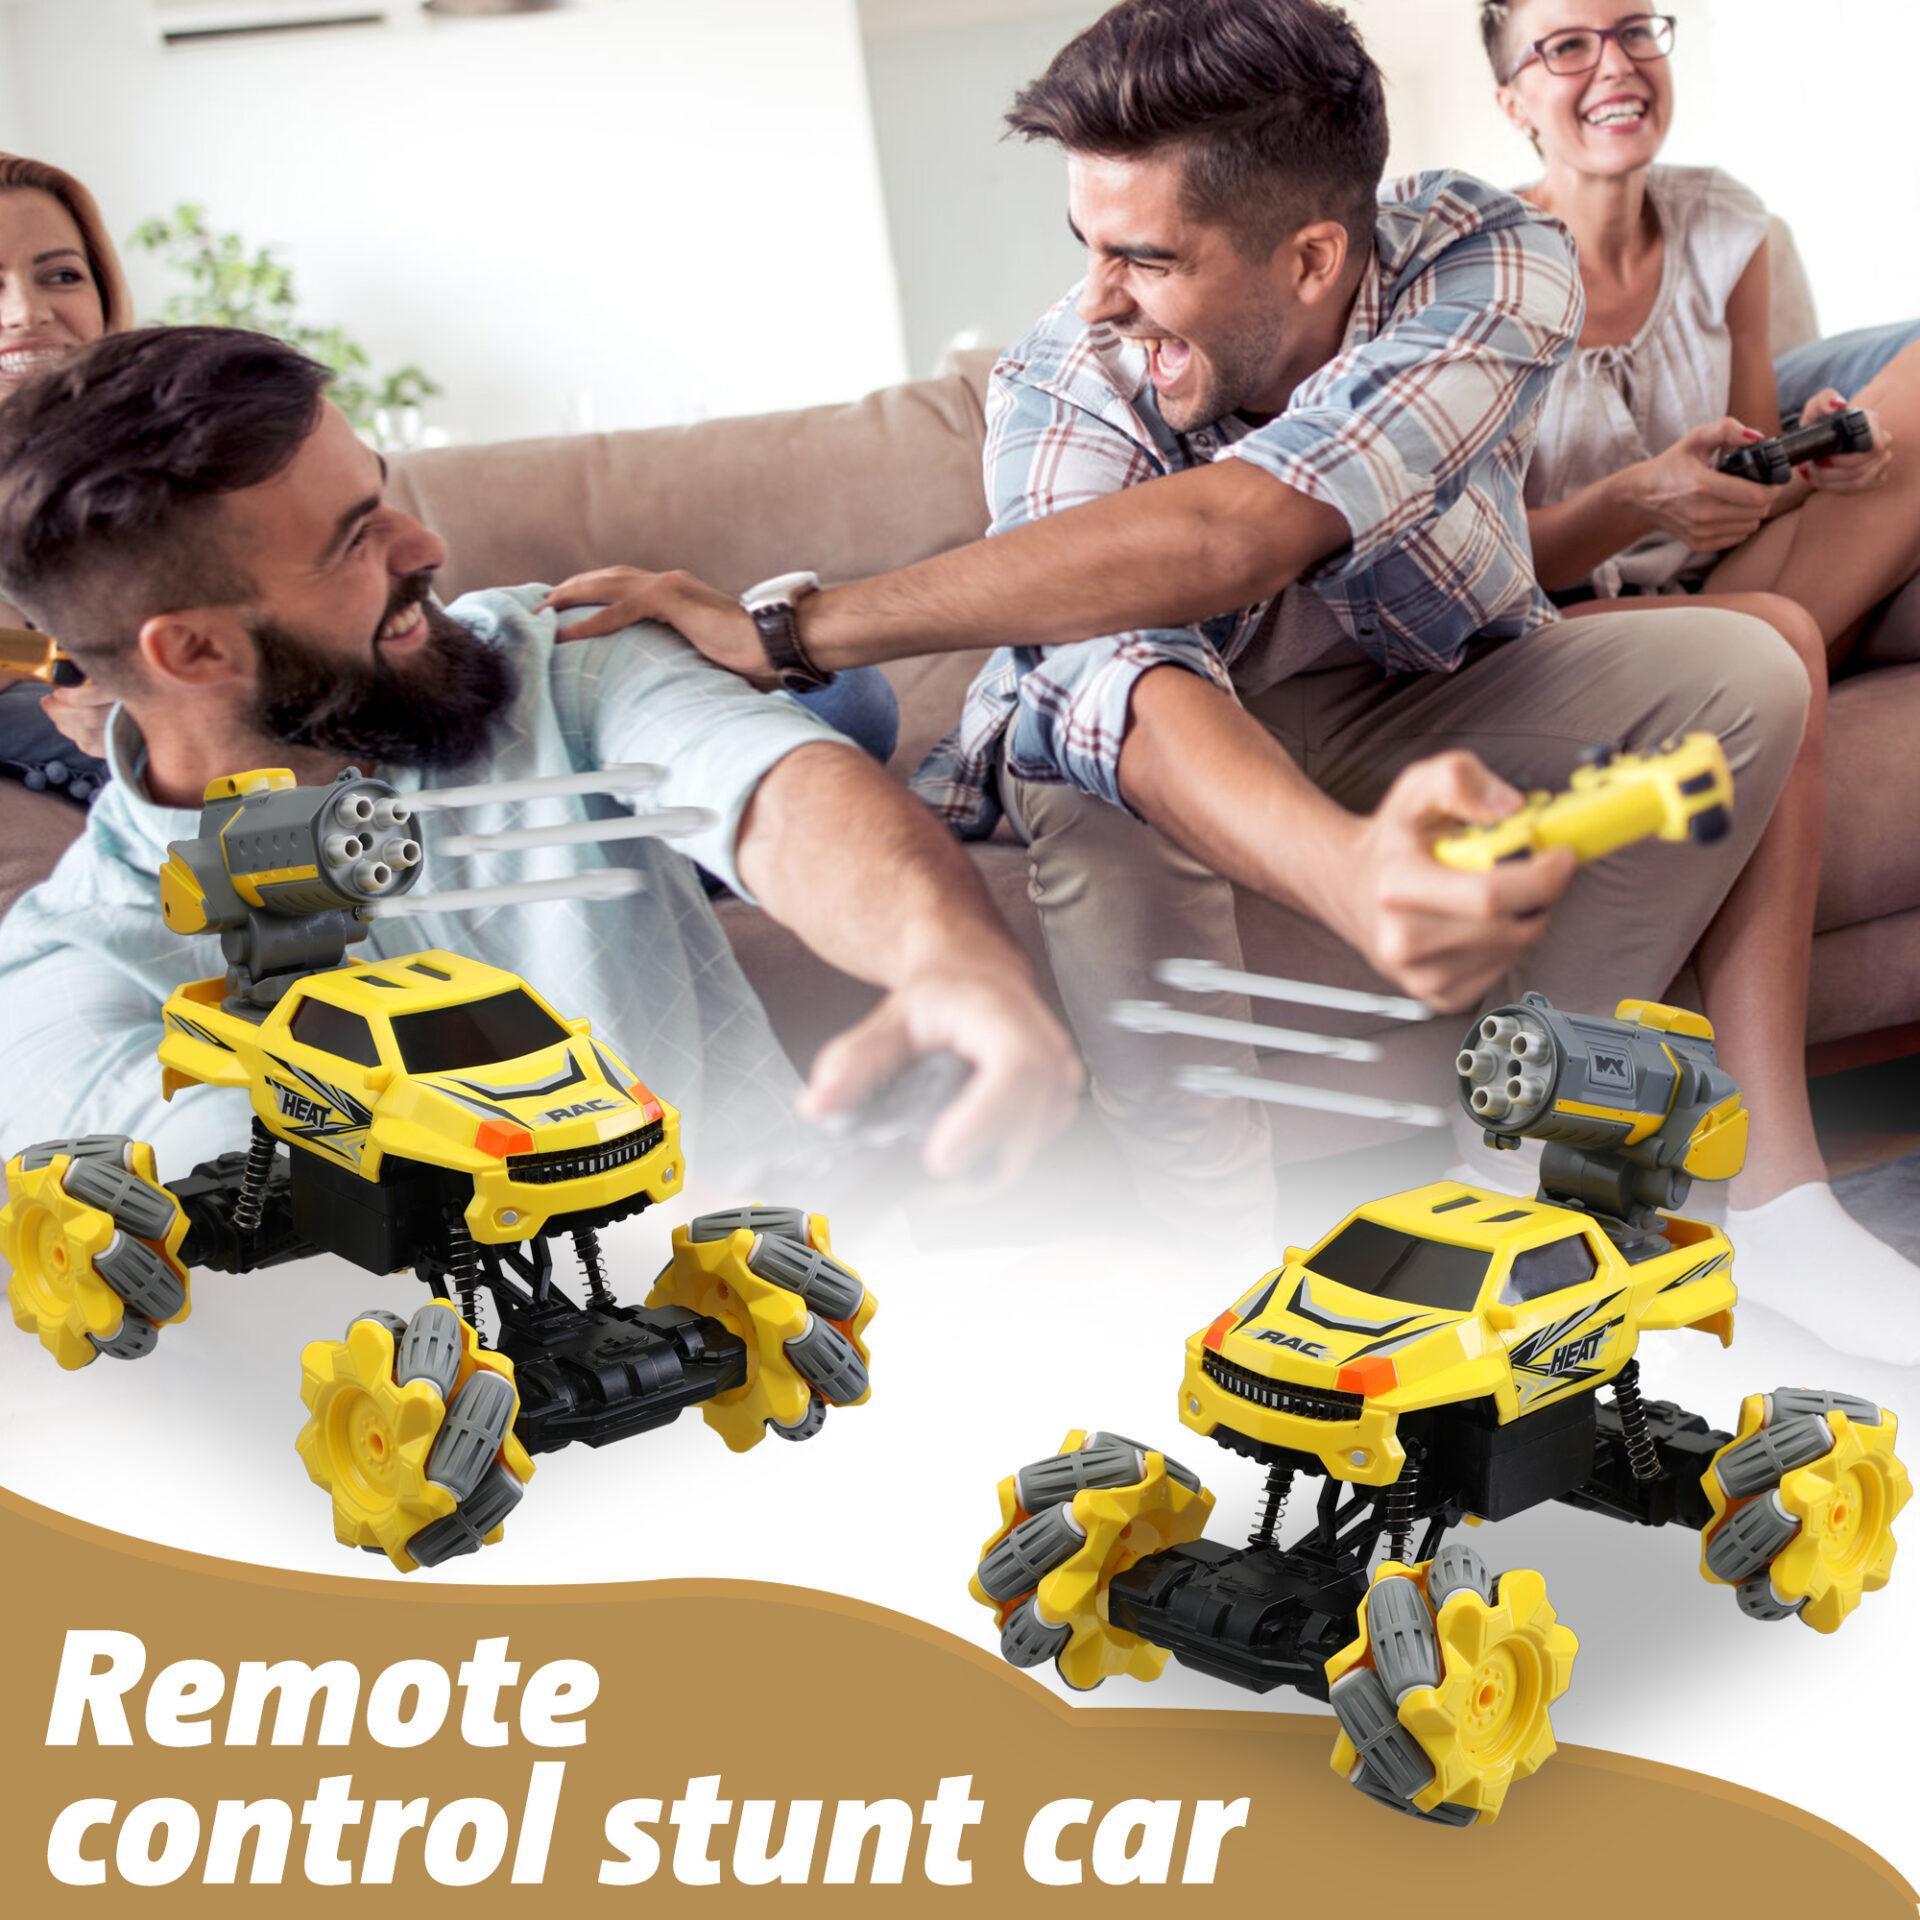 Gesture Sensing RC Stunt Car for Kids, Yellow 2 7